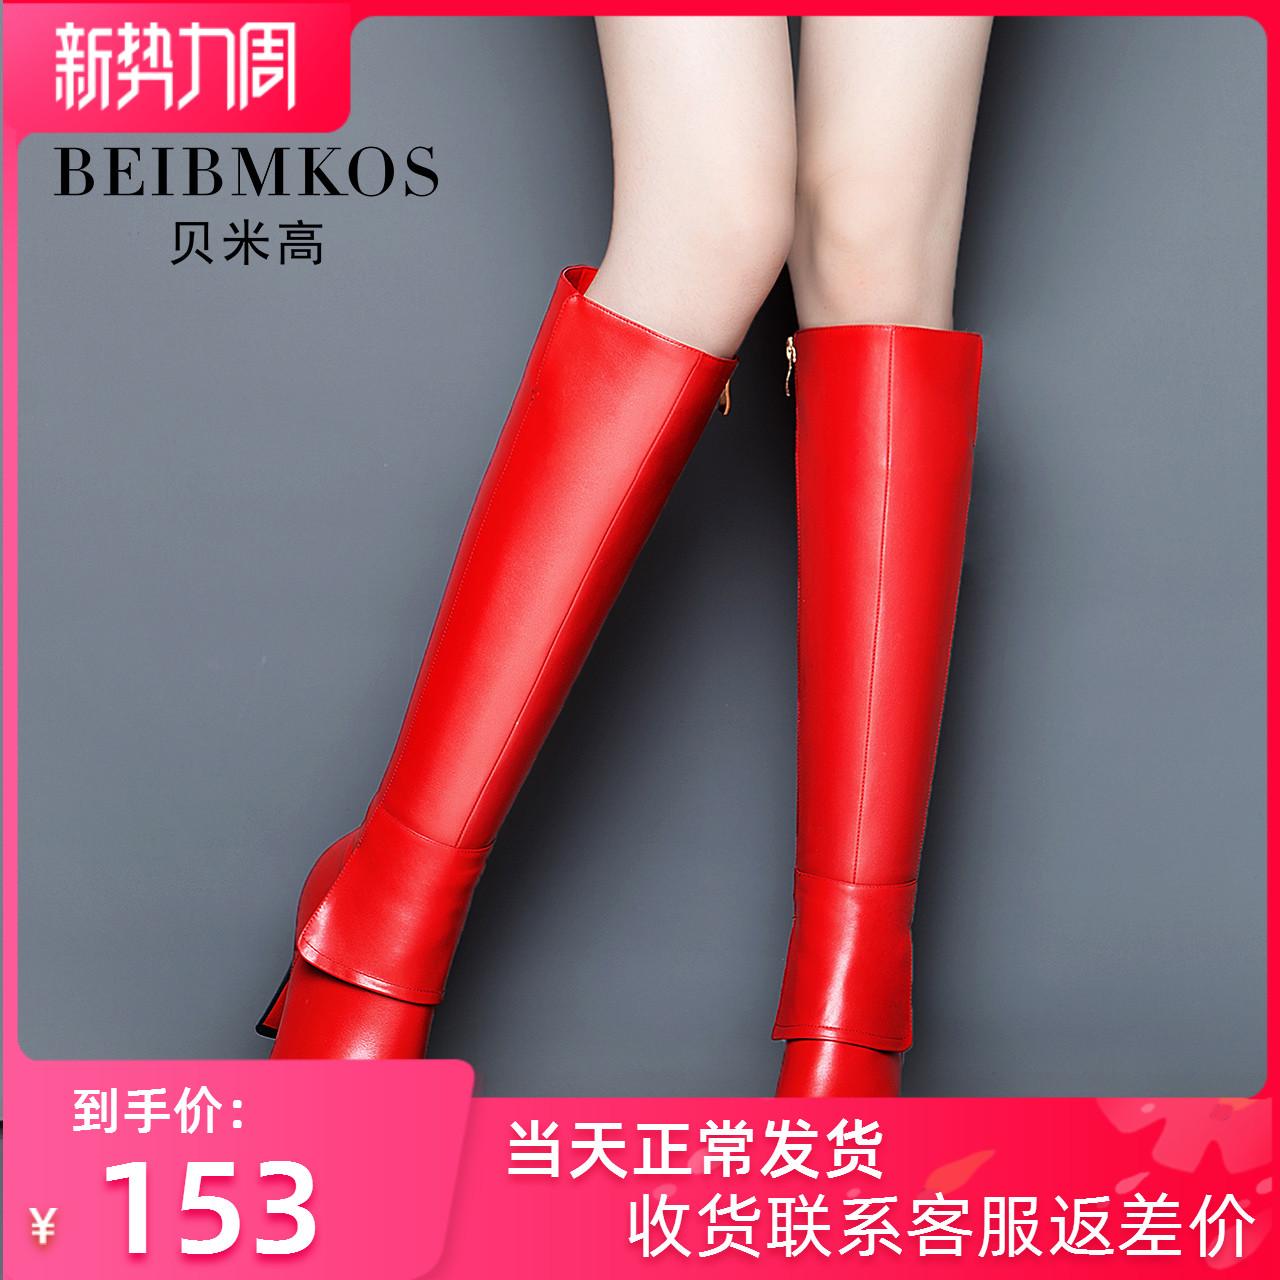 贝米高秋冬新款尖头真皮骑士靴高筒长筒靴 细高跟长靴女靴子红色